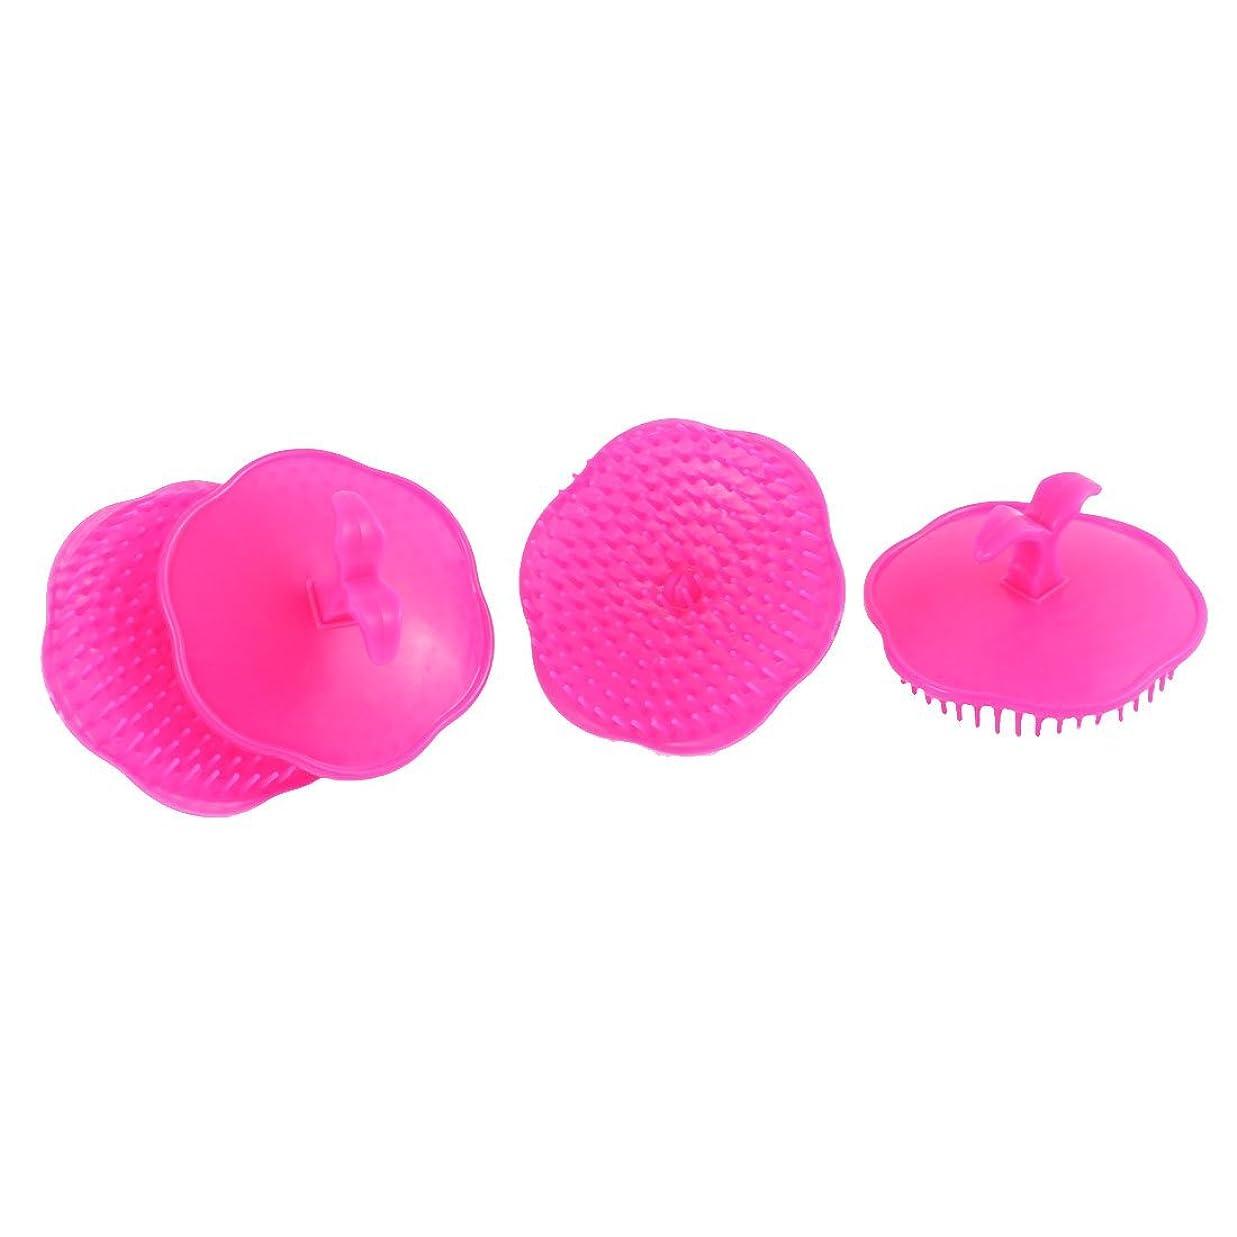 読者テンション粒子uxcell シャンプーブラシ 洗髪櫛 マッサージャー プラスチック フクシア 4個